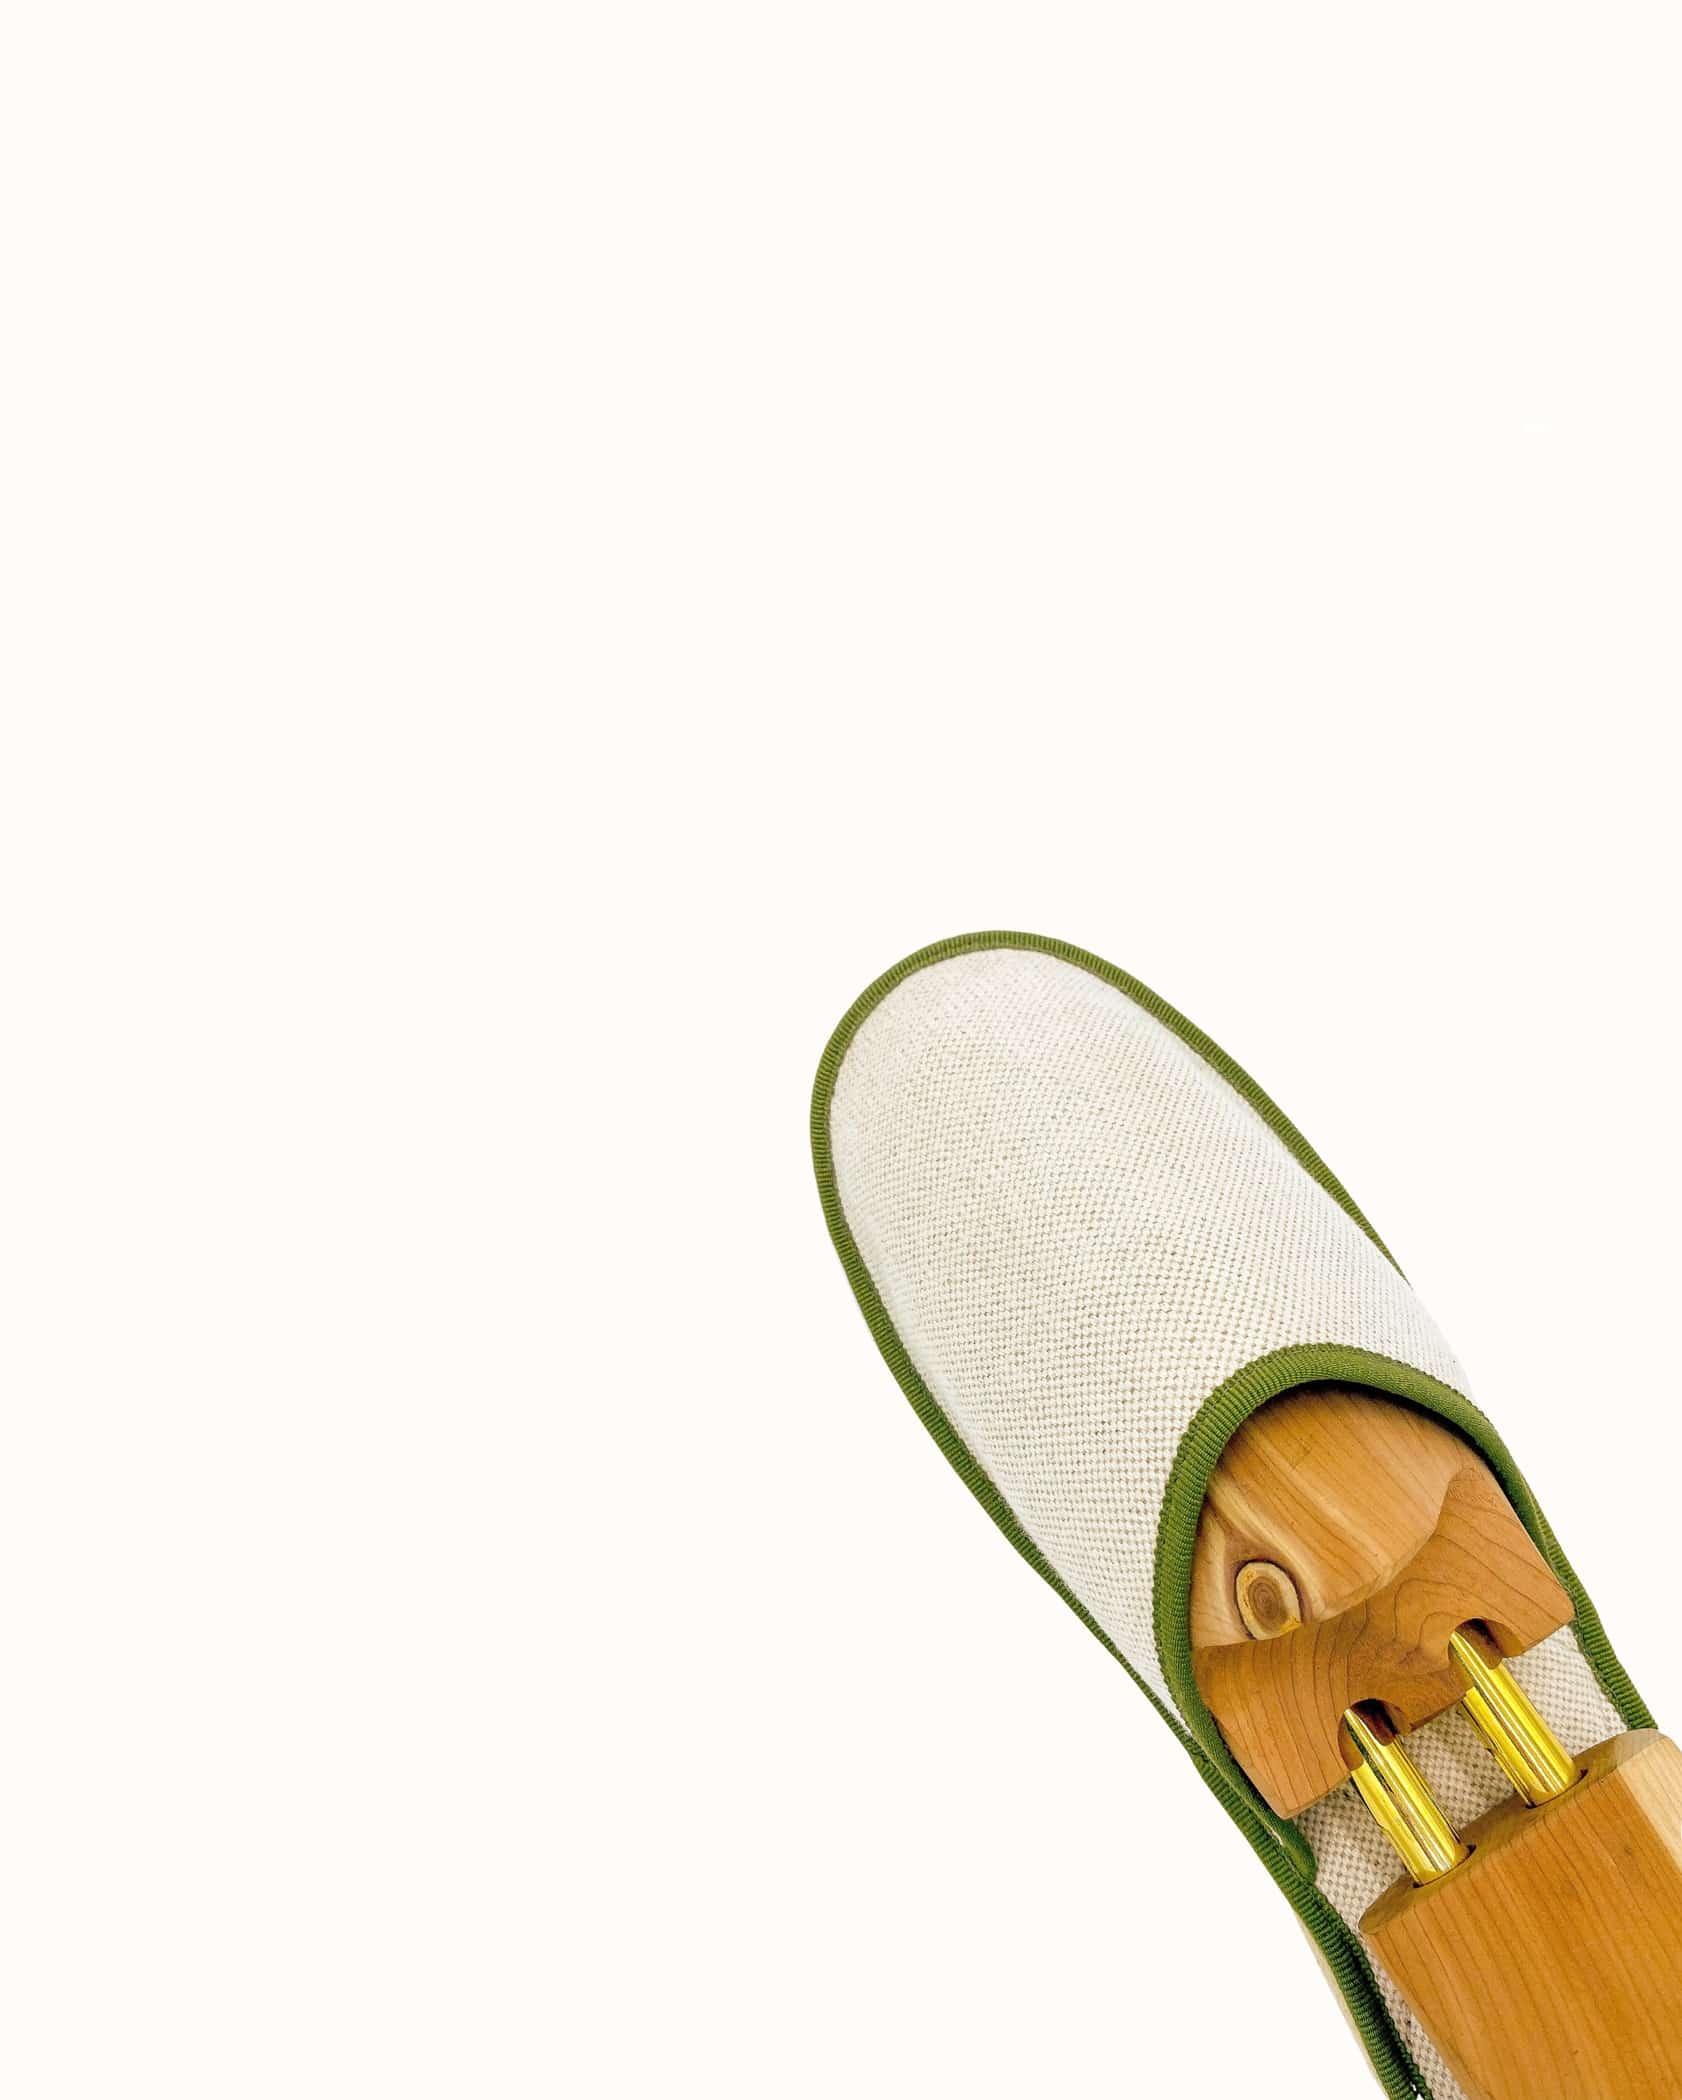 Chausson français pour homme, femme et enfant fabriqué en France. Modèle Psychanalyse (beige et vert), une pantoufle comme à l'hôtel vêtue d'un rembourrage matelassé et d'une finition sophistiquée.